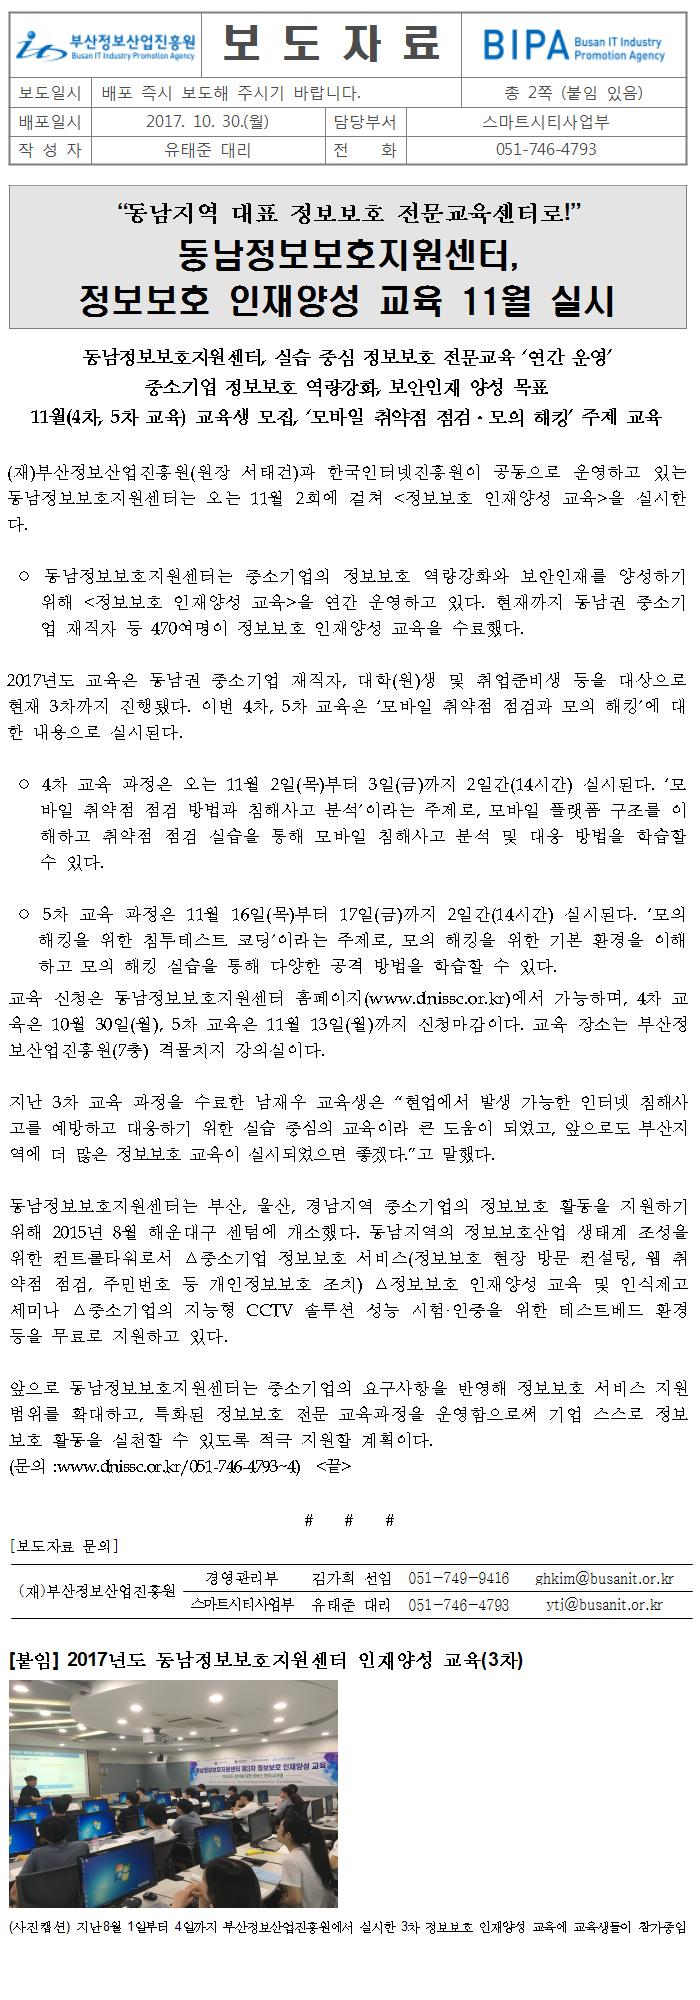 동남정보보호지원센터, 정보보호 인재양성 교육 11월 실시